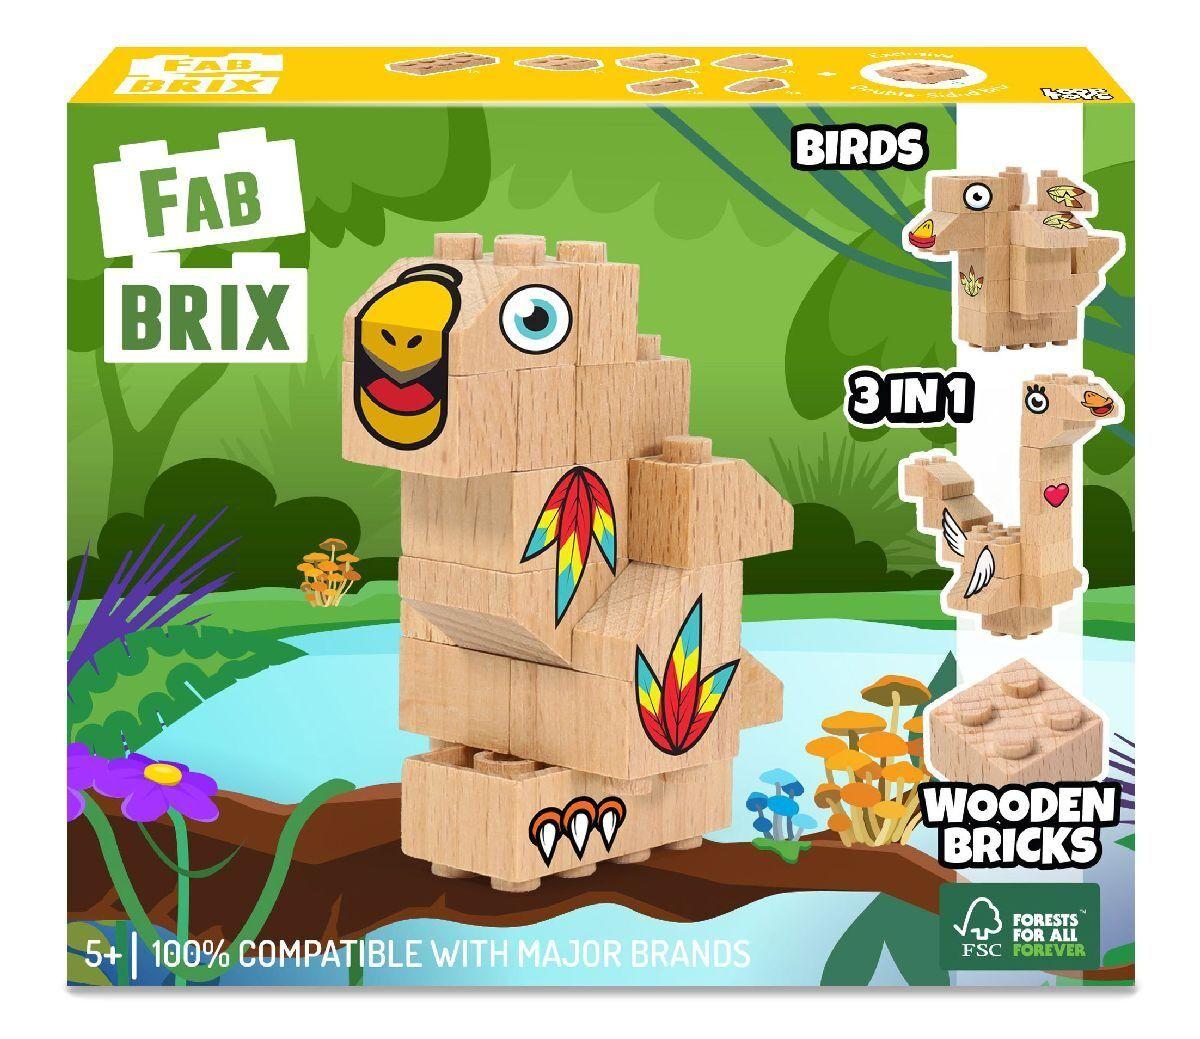 Конструктор FabBRIX JG 1806 Birds (Птахи)